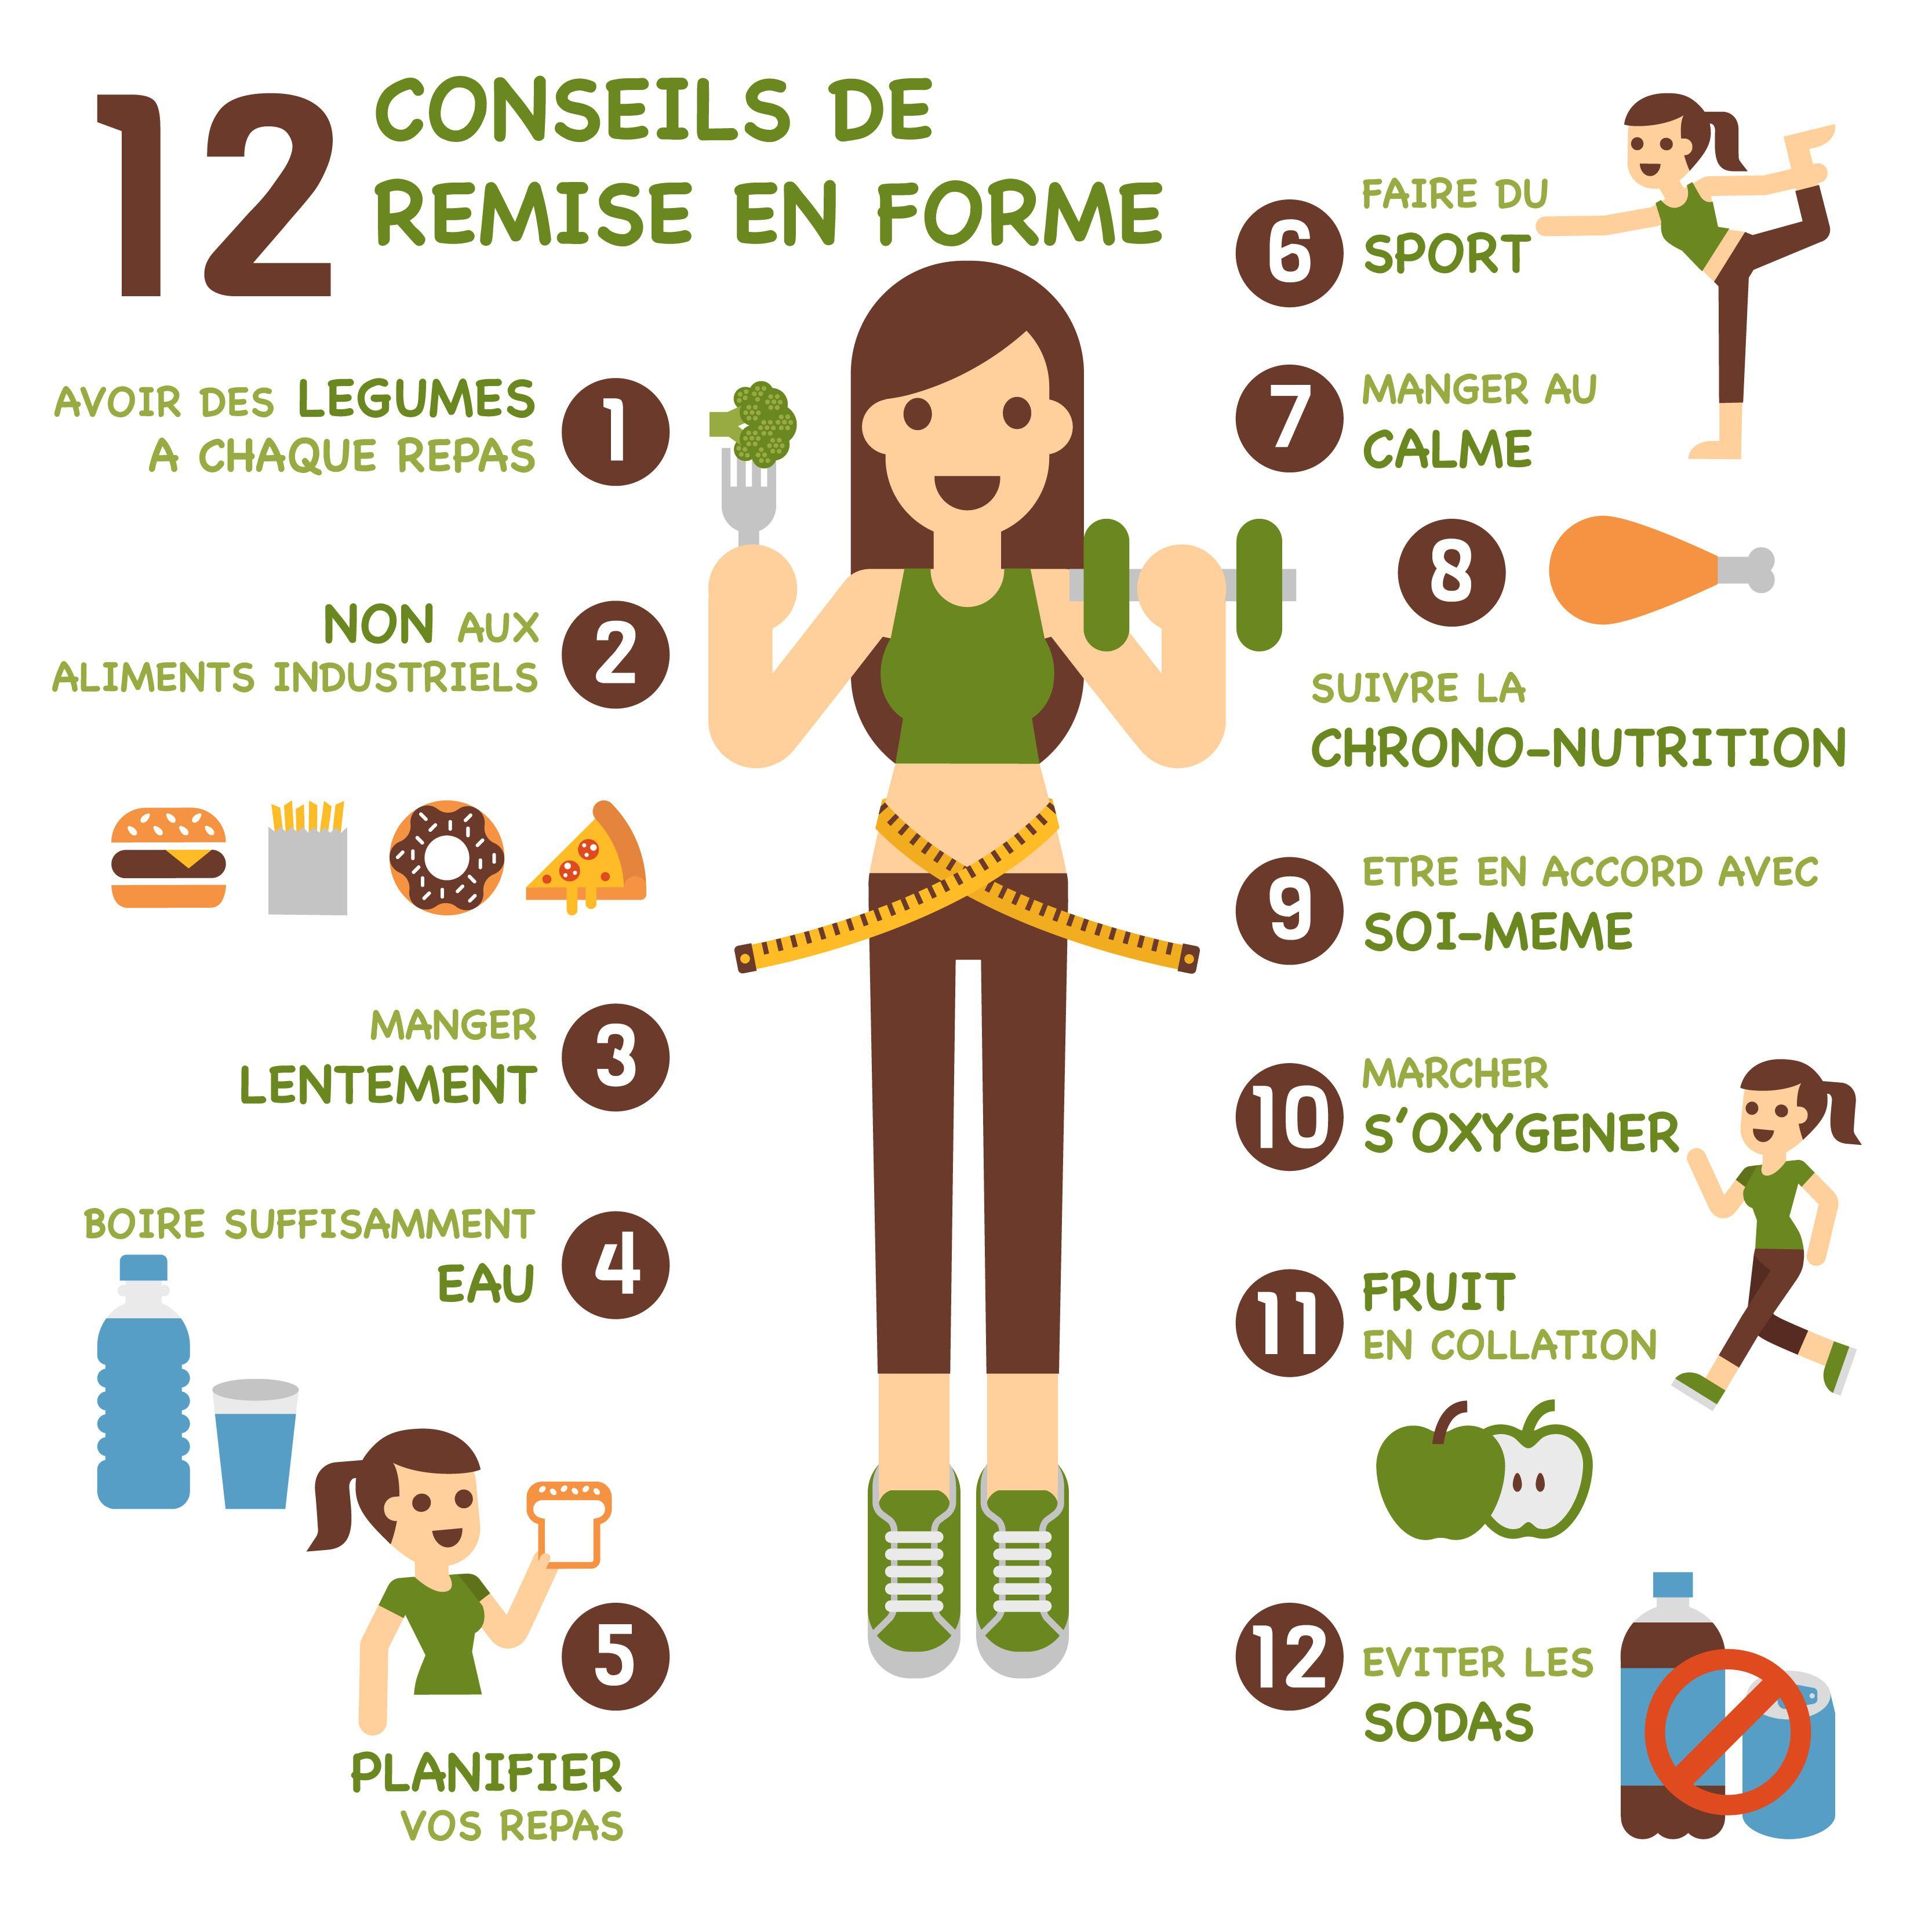 A l'occasion de cette nouvelle année, voici 12 conseils de remise en forme pour prendre soin de votre santé.